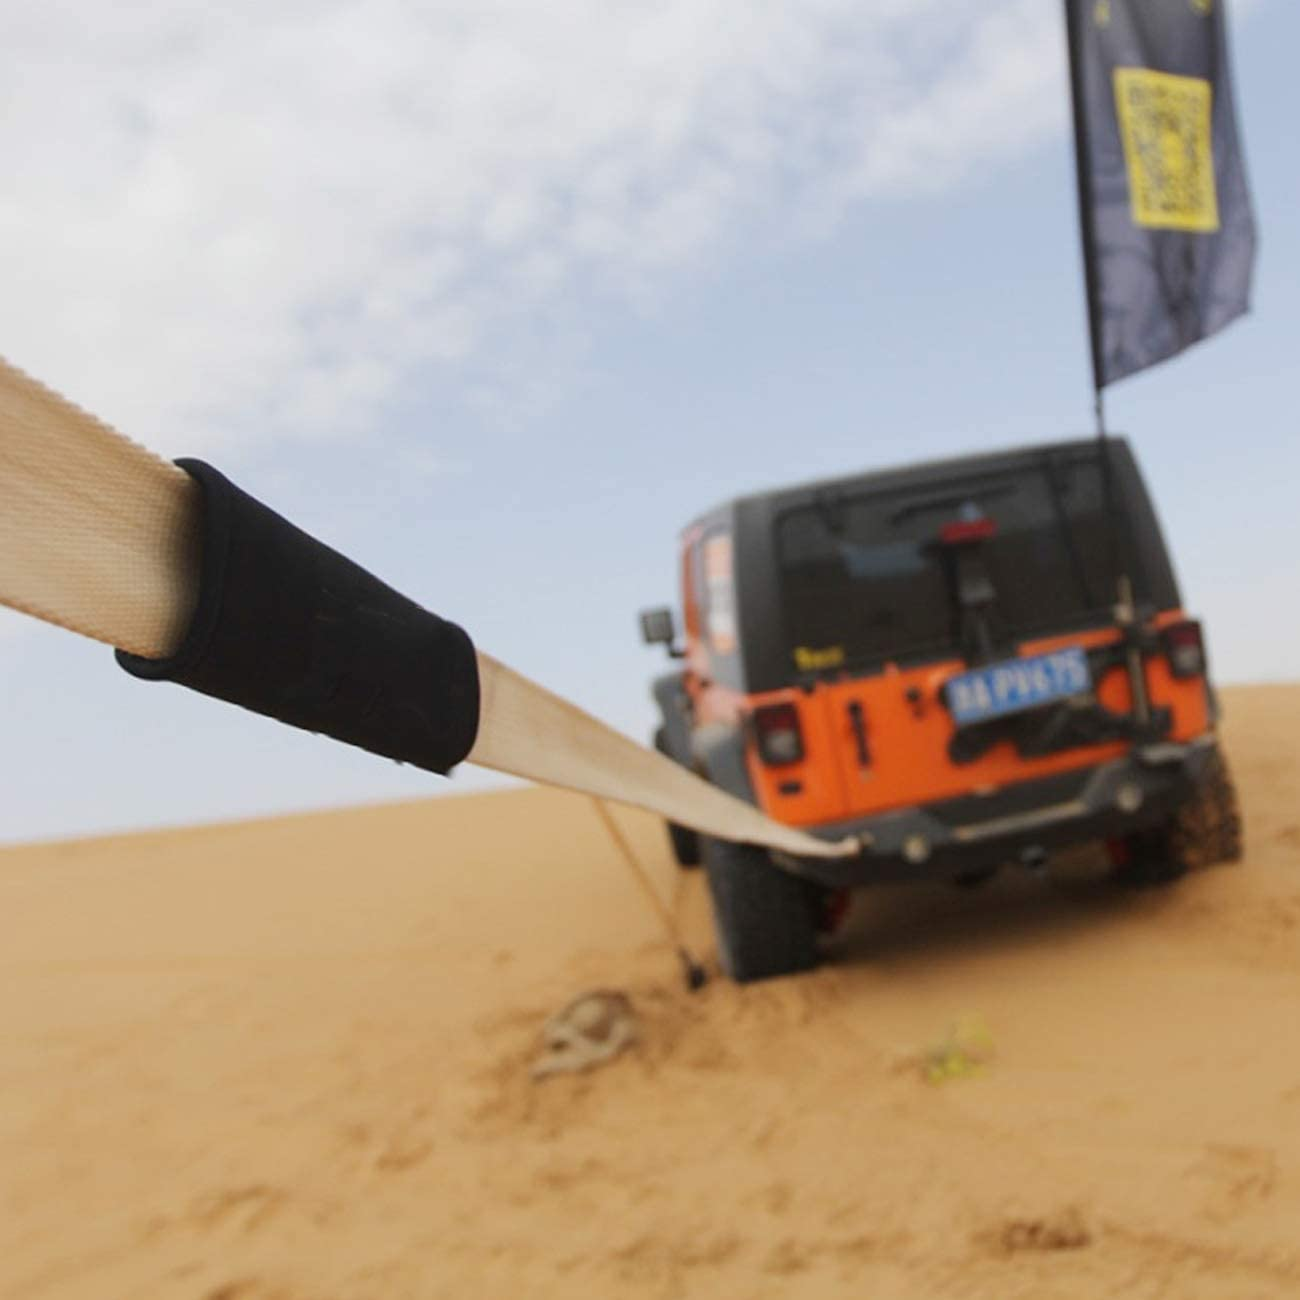 PKW PLUS 5 Meter Abschleppseil Auto Abschleppgurte mit 2 Sicherheitshaken Size : 5m//6t f/ür Automobile//SUV//Landwirtschaftliche Fahrzeuge Hochleistungs Abschleppgurt 4 /× 4